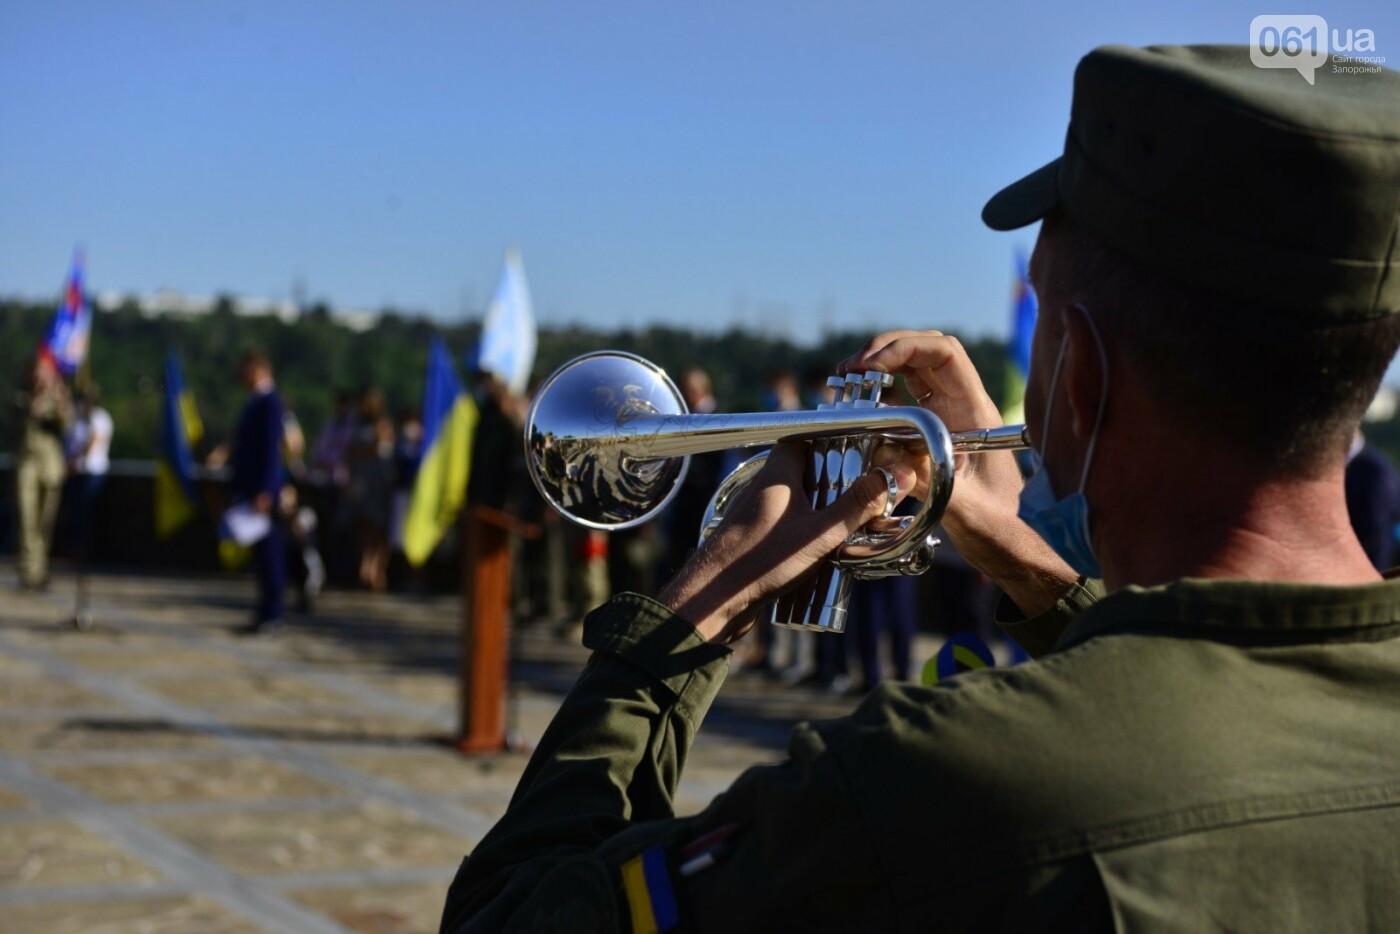 Впервые на Хортице развернули 100-метровый флаг Украины, - ФОТОРЕПОРТАЖ, фото-13